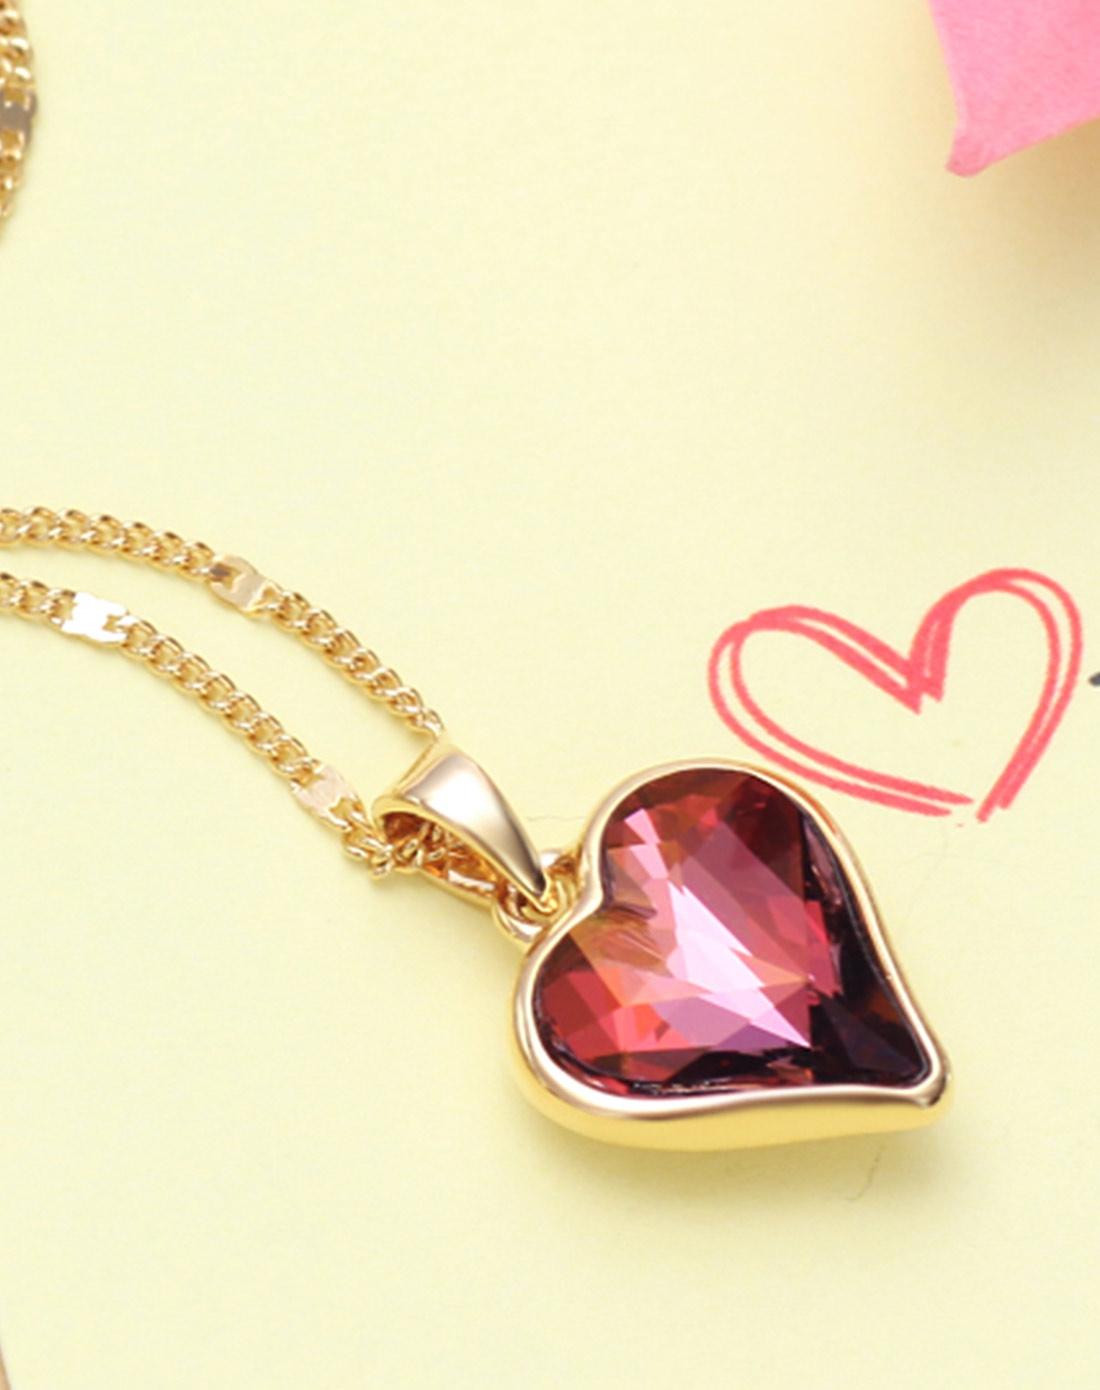 新光饰品专场-紫色爱心玫瑰金镶边项链